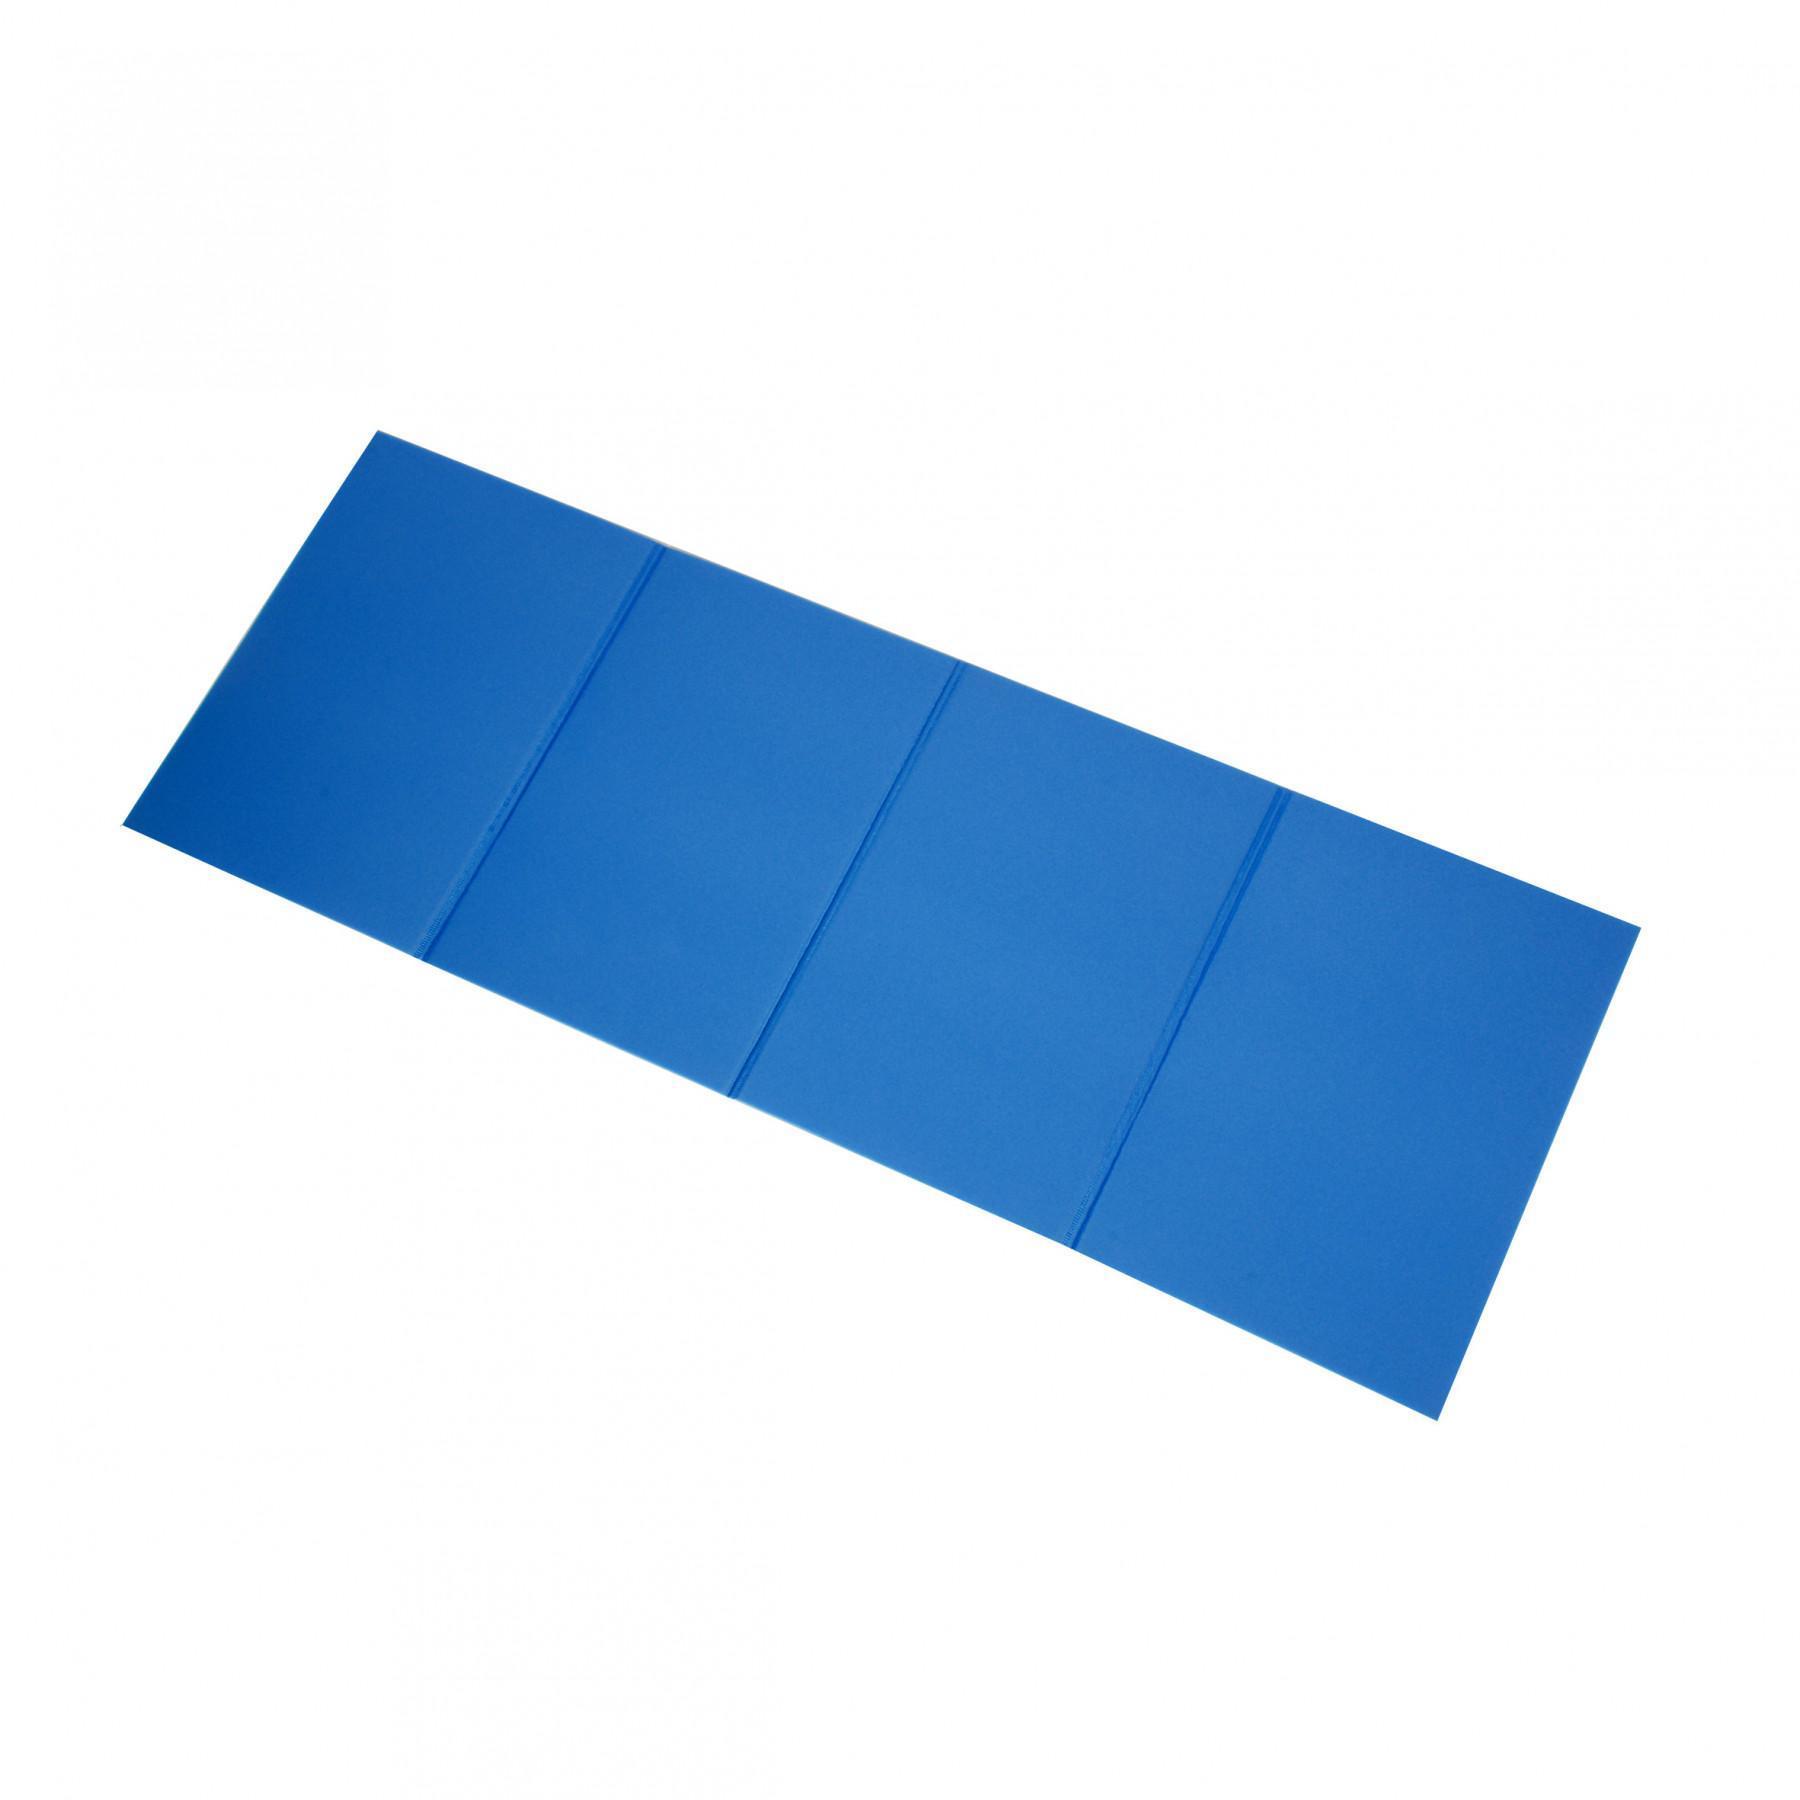 Foldable mat Sporti France